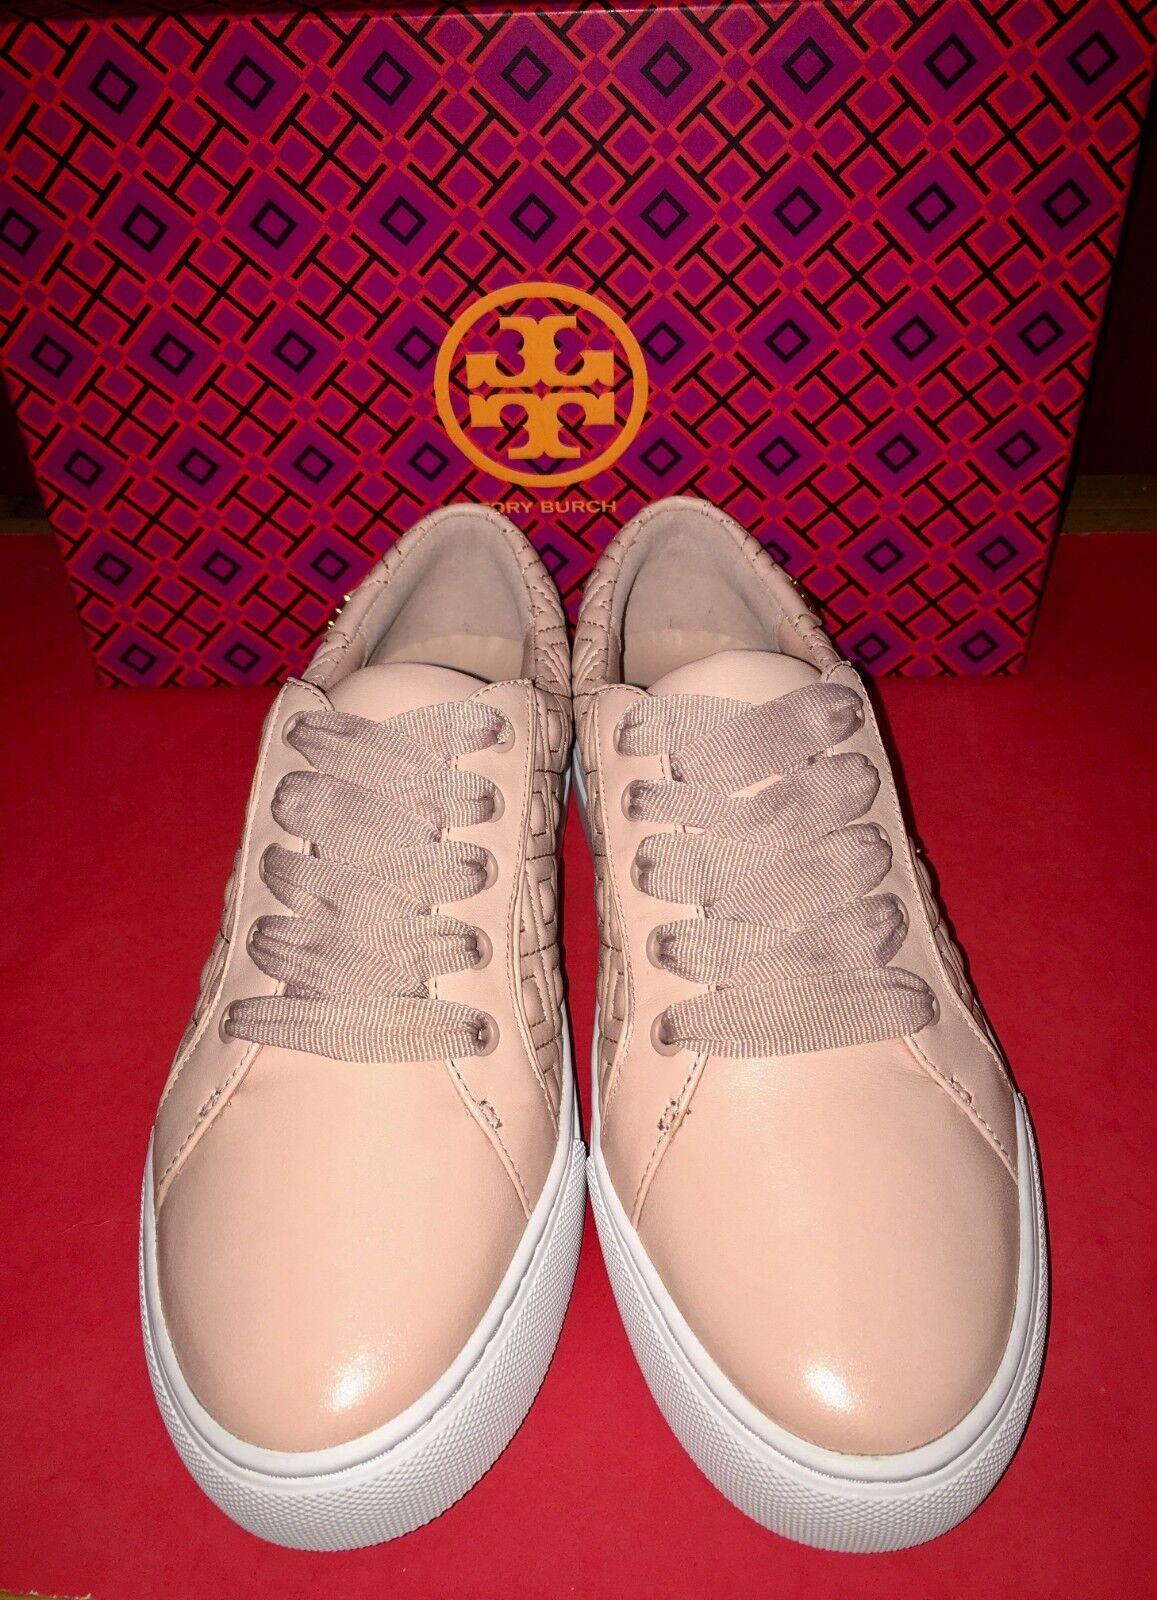 Nuevo Nuevo Nuevo En Caja TORY BURCH Marion Acolchado Con Cordones Tenis Zapatos Talla 7.5 sobre rosado  alta calidad